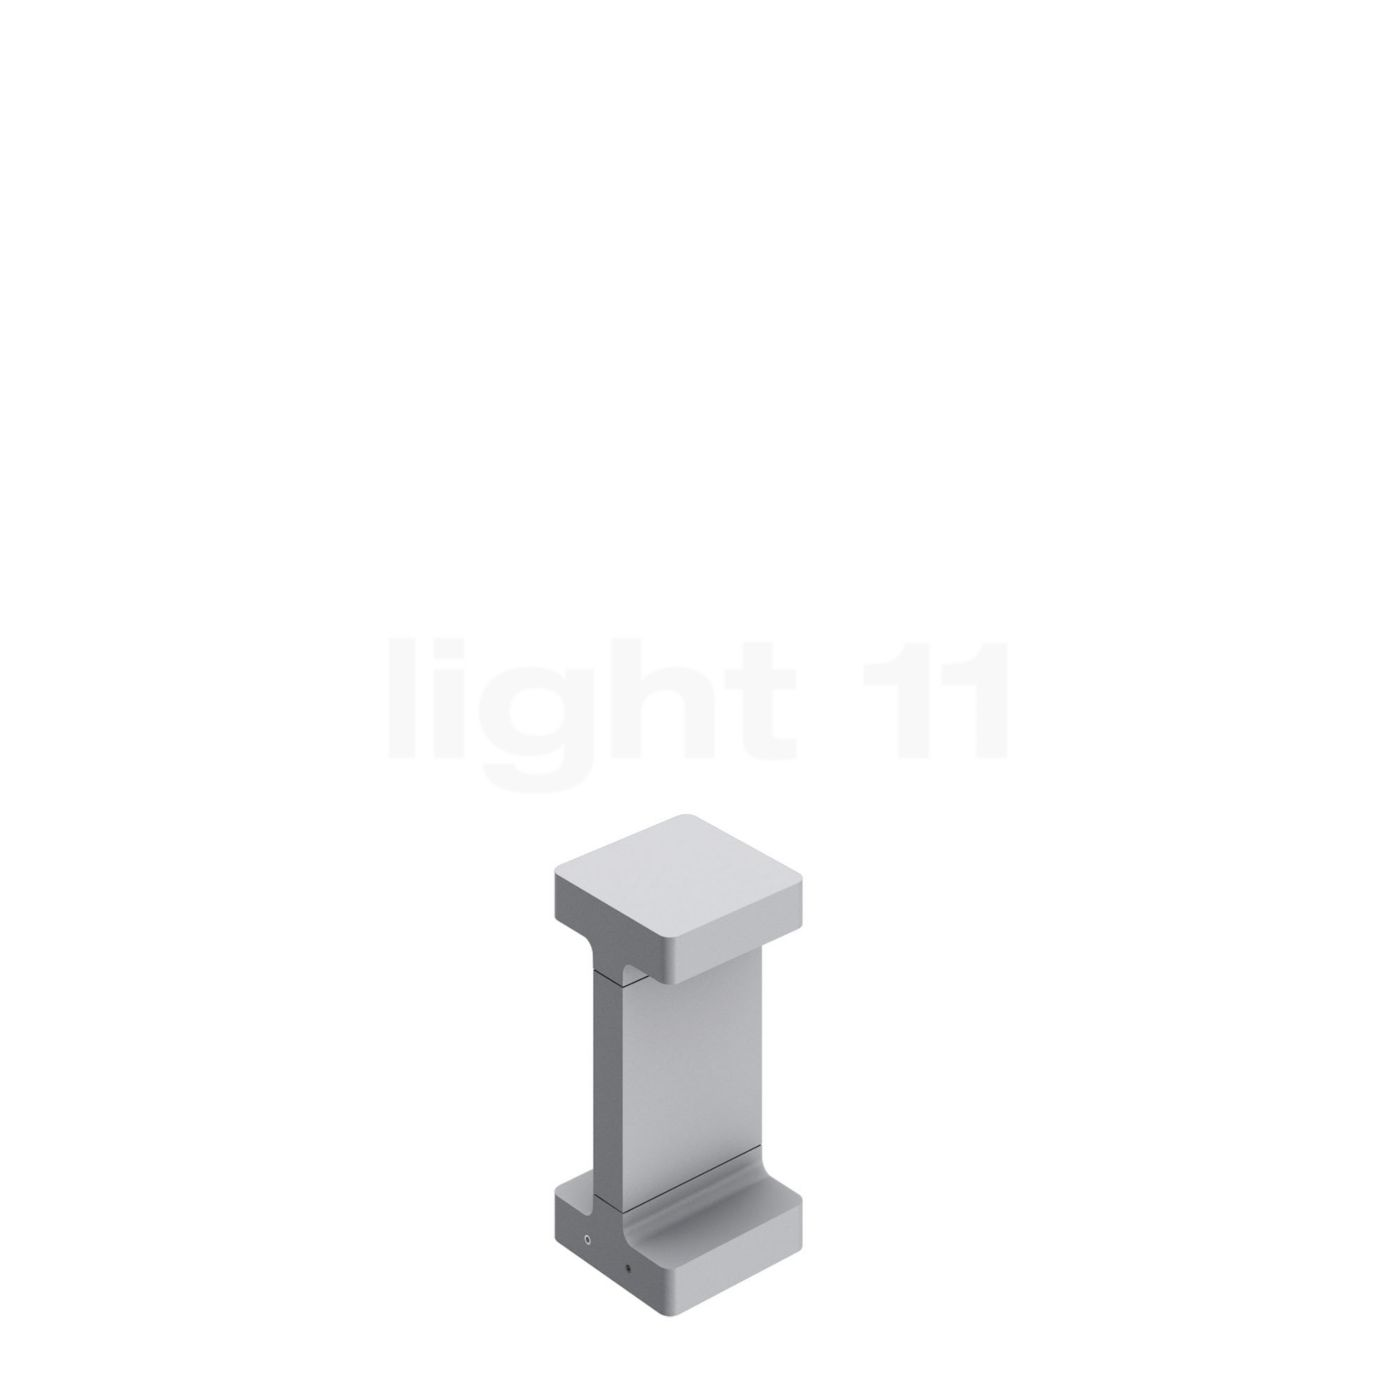 Flos Casting T 100 20 cm, grau F1250006